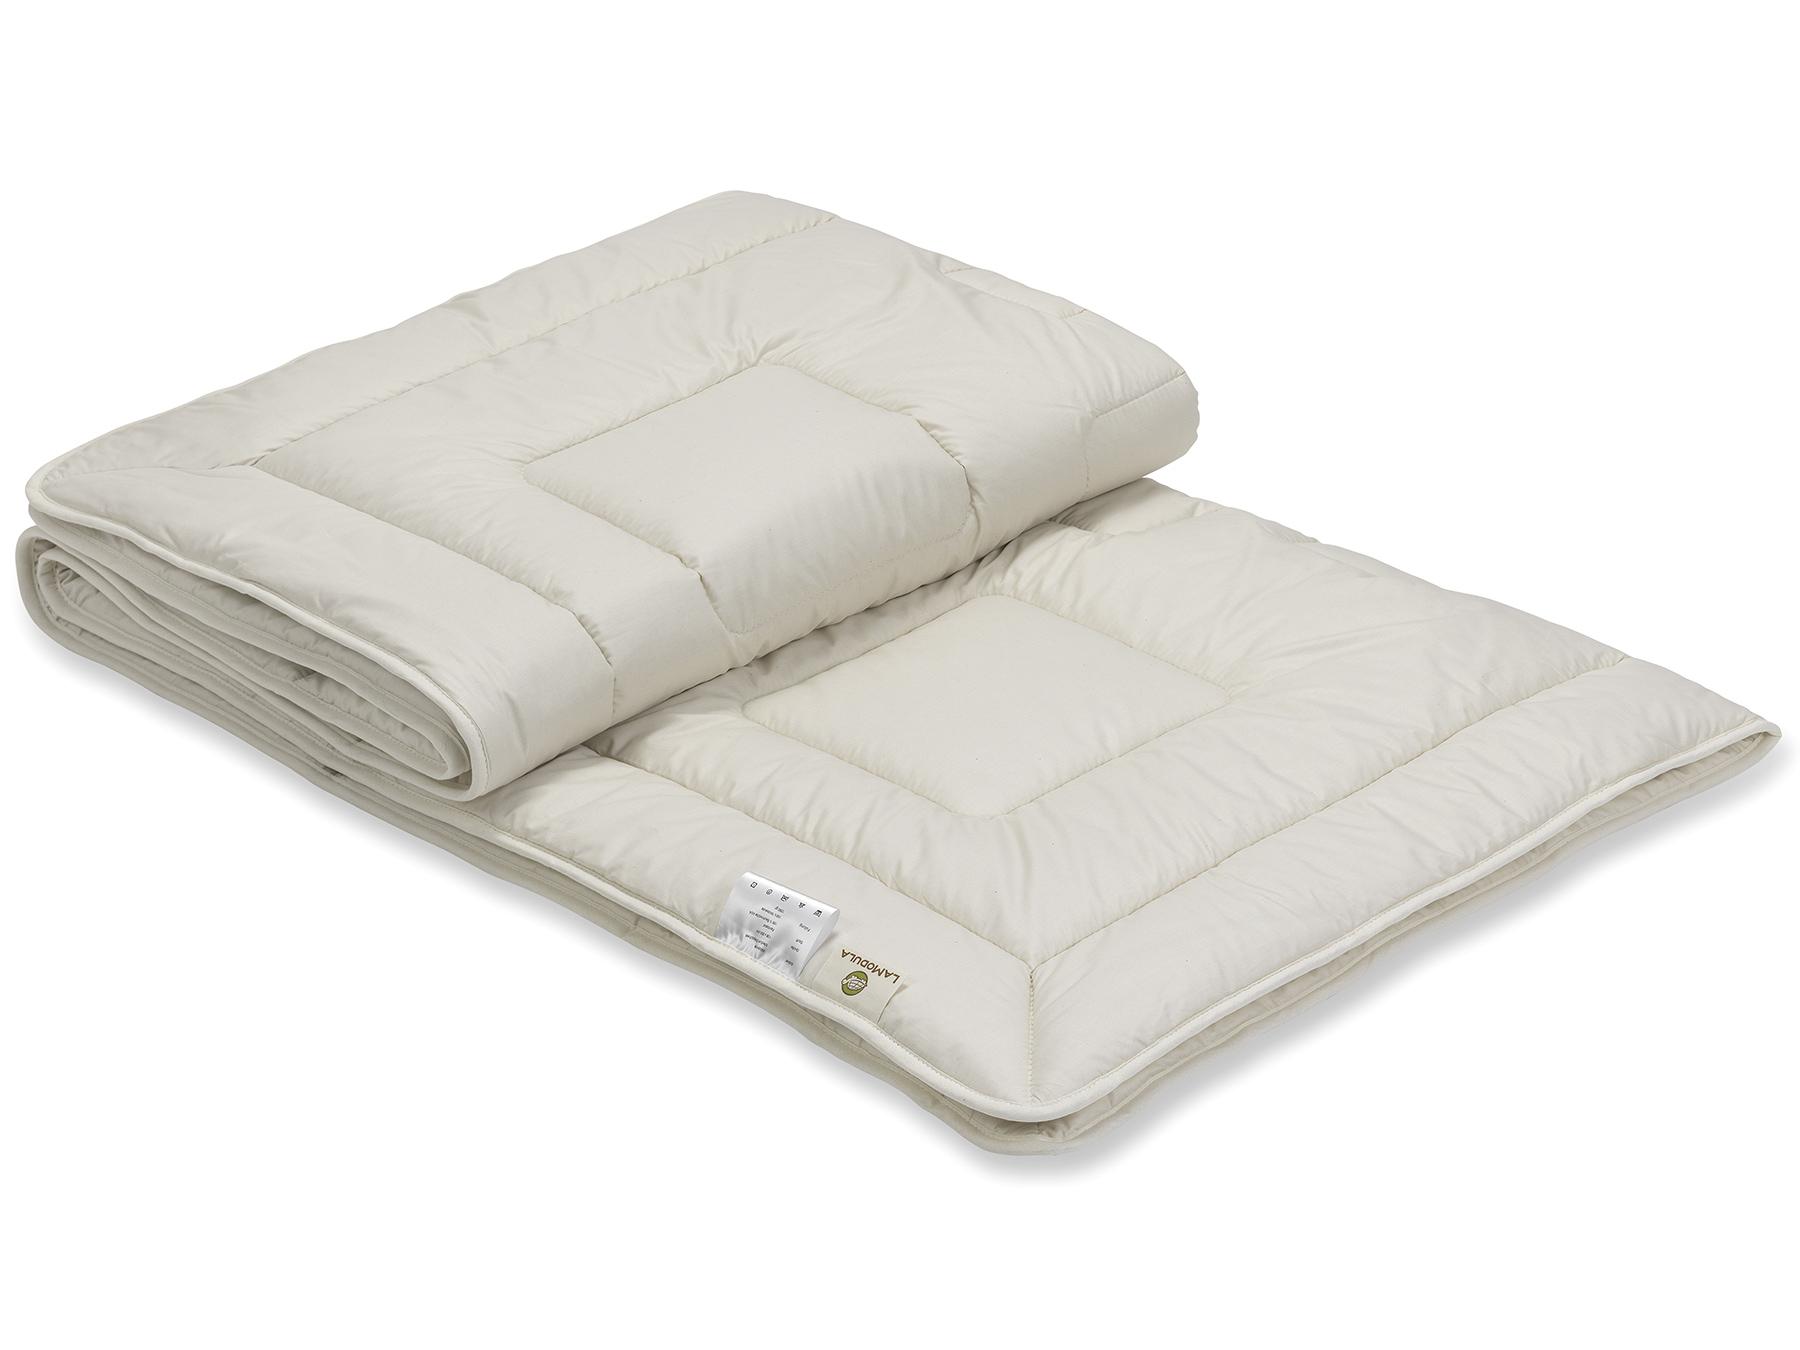 Die Medium-Decke eignet sich hervorragend für die Übergangszeit.